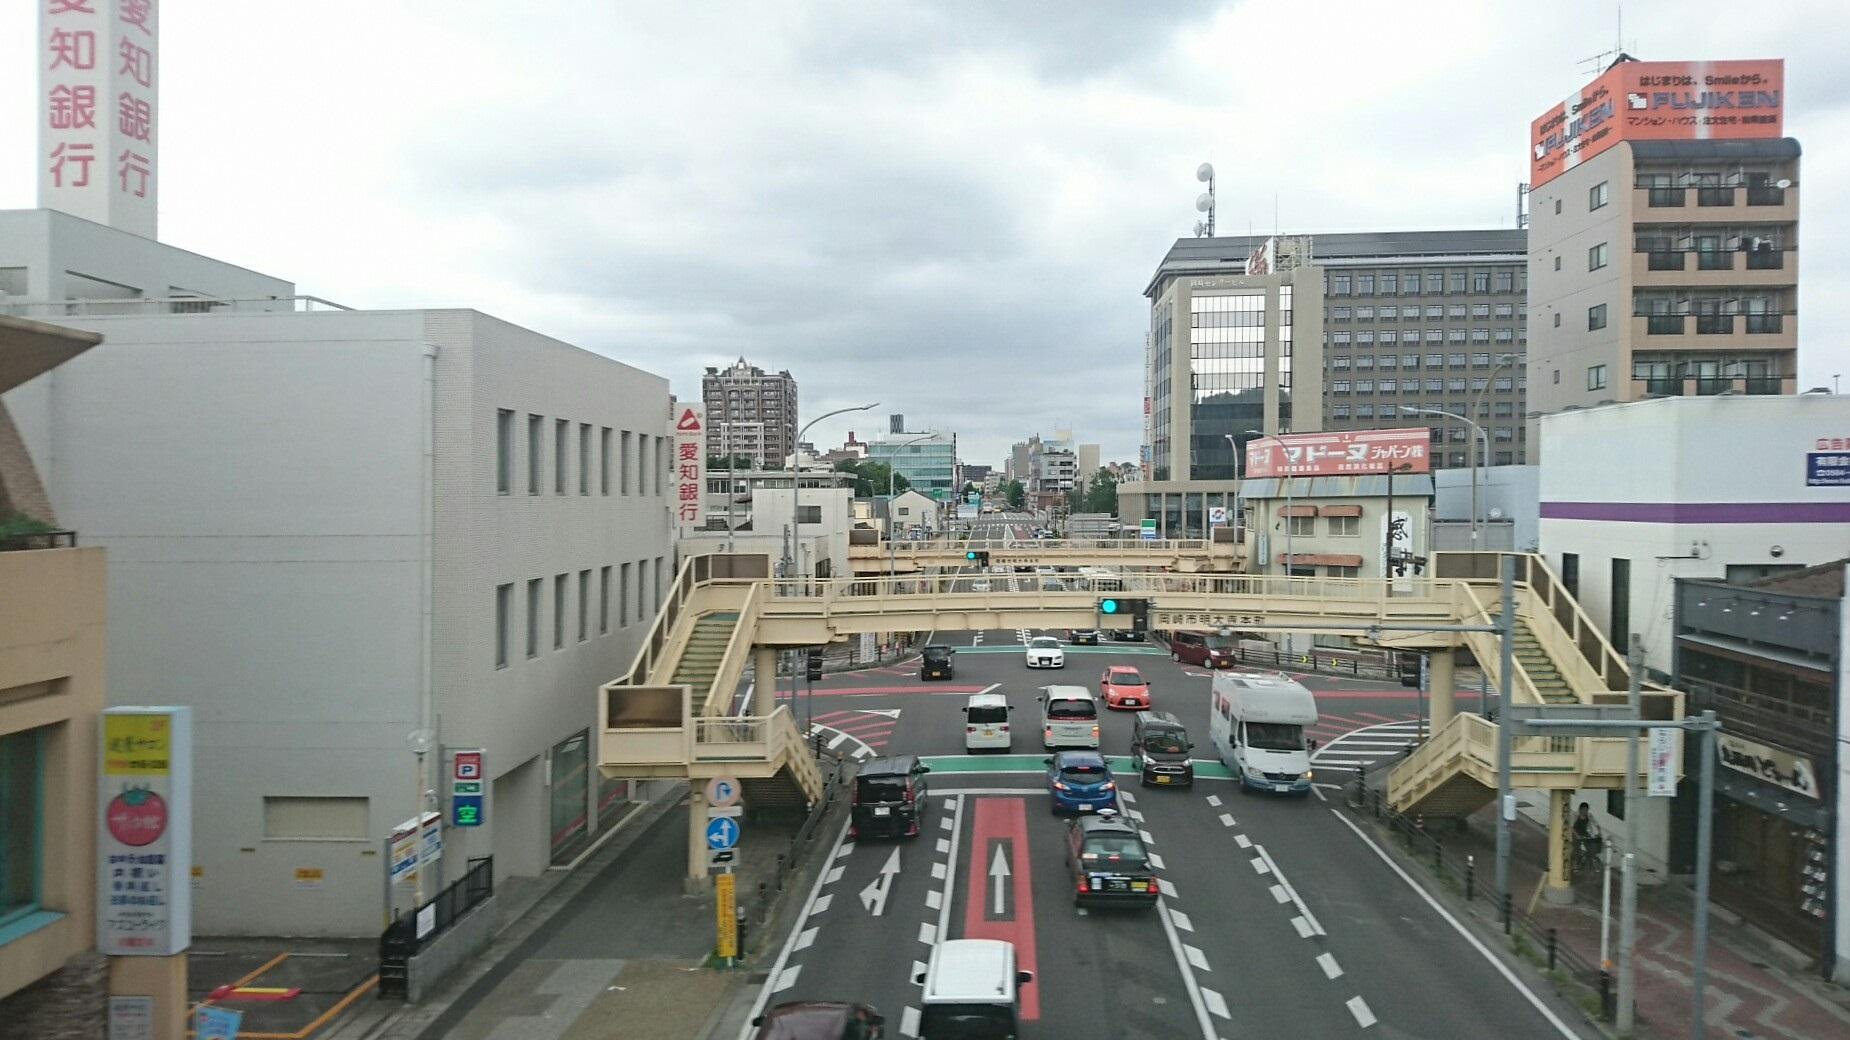 2017.7.30 東岡崎 (15) 東岡崎いきふつう - 電車どおりをこえる 1850-1040